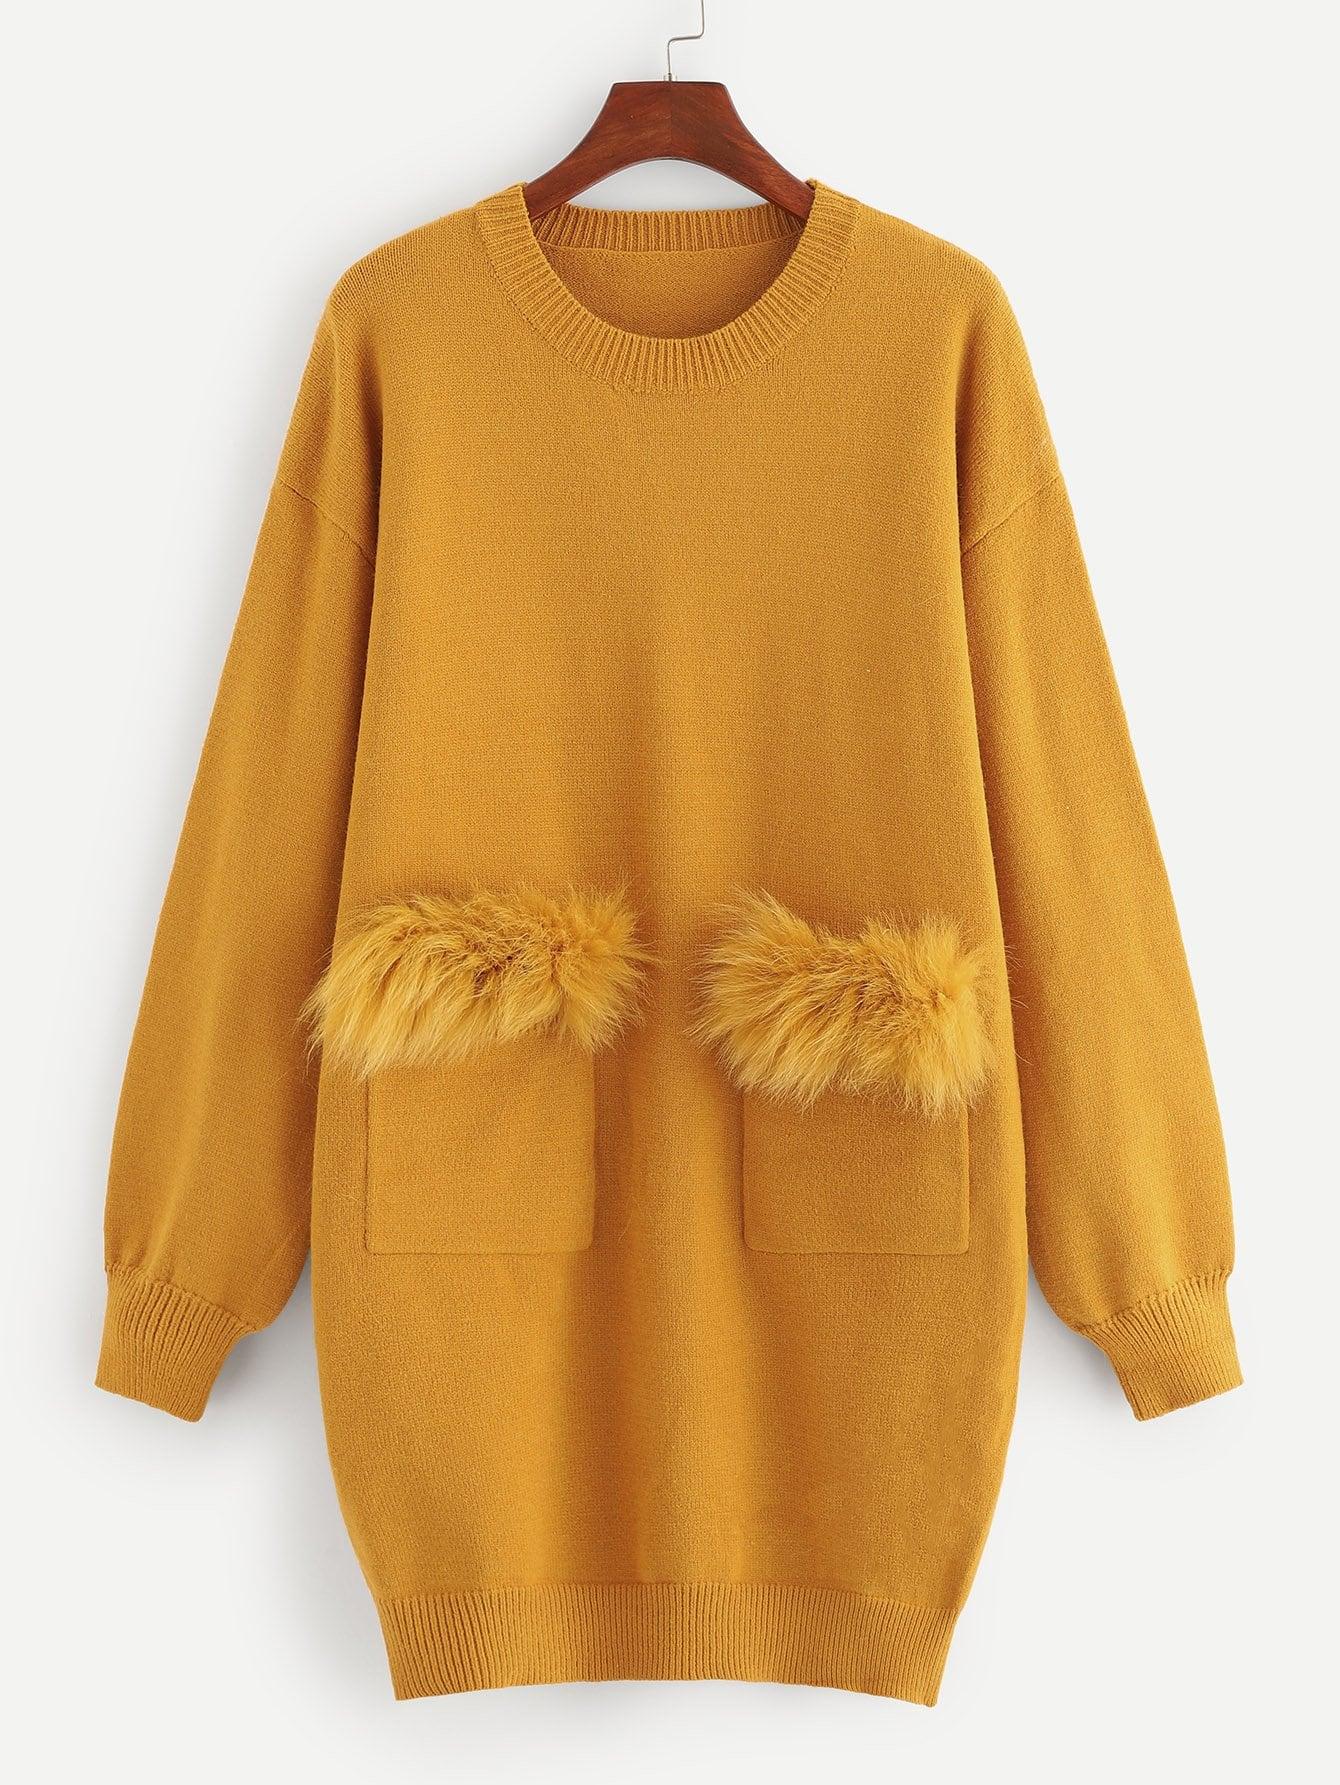 Купить Вязаное платье из искусственных мехов с карманом, null, SheIn